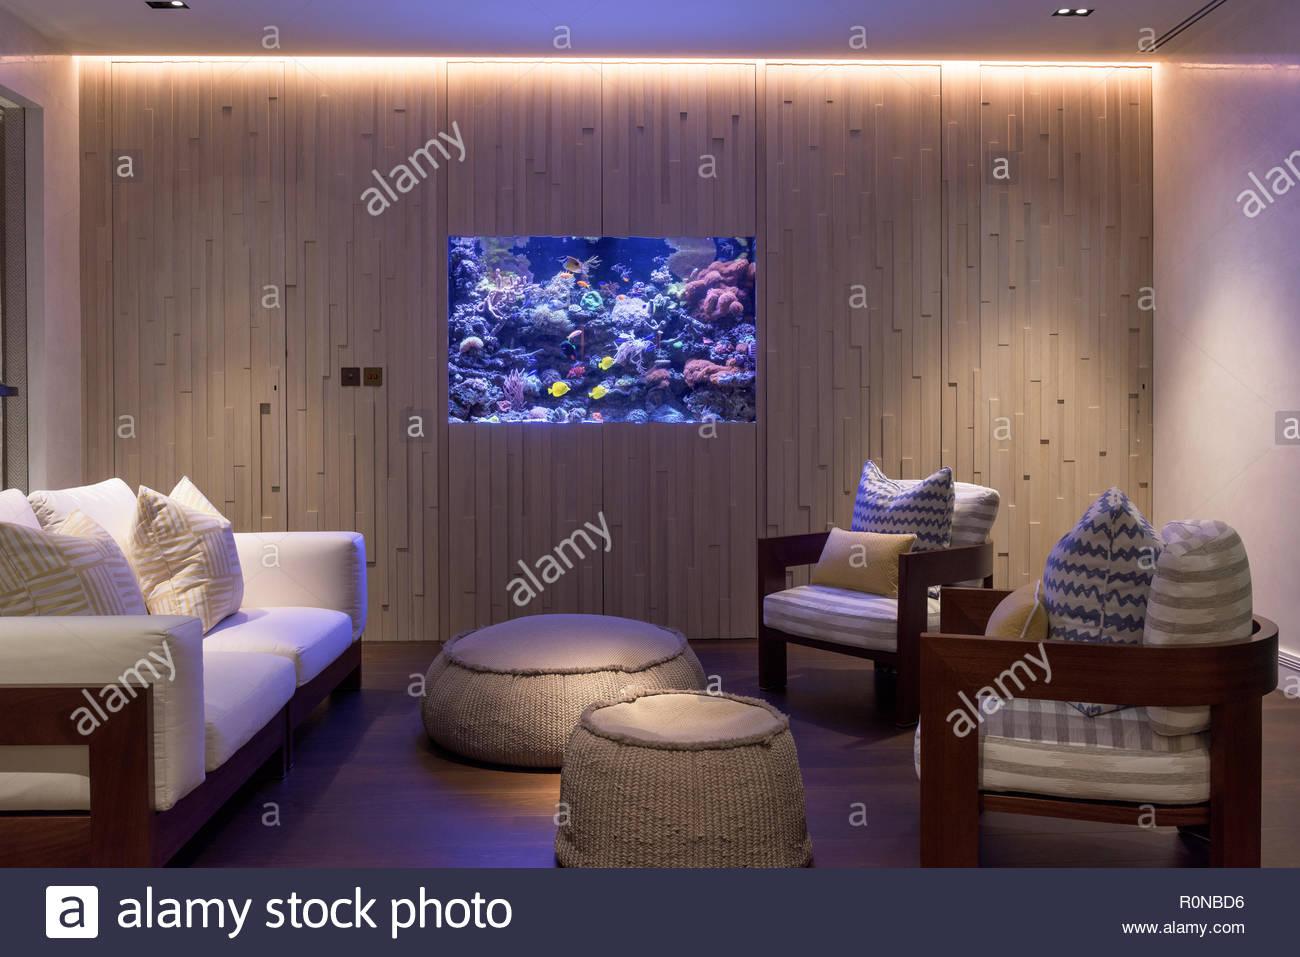 Aquarium in coastal living room - Stock Image